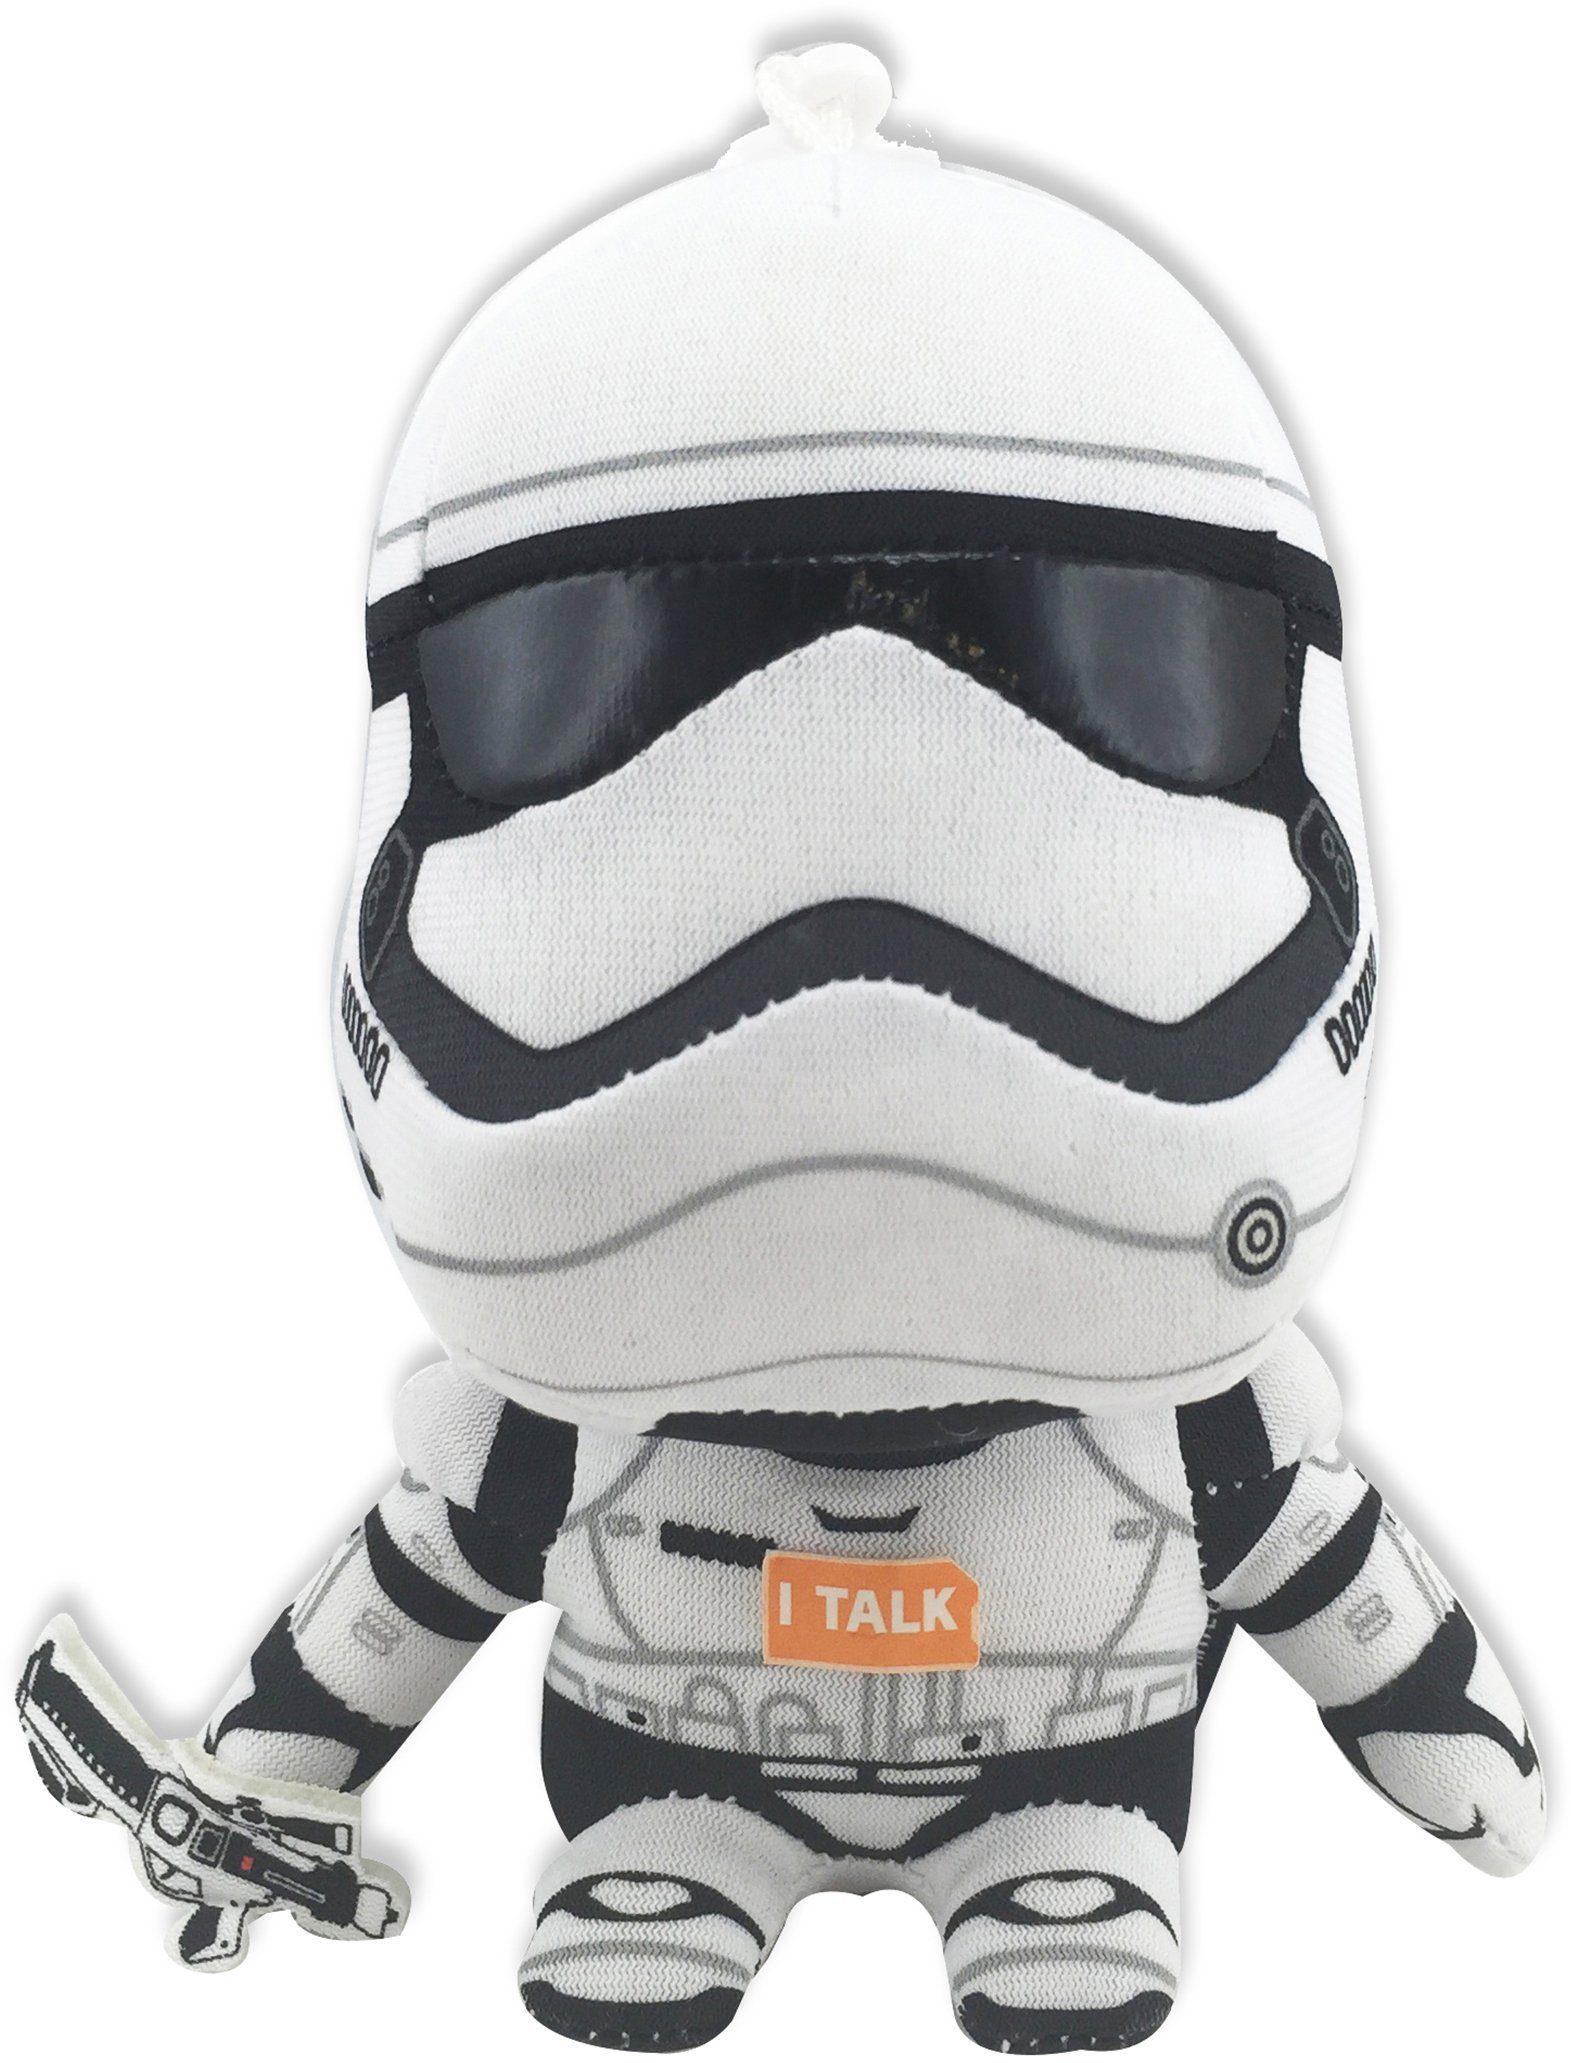 Plüschfigur mit Sound und Anhänger, »Disney Star Wars™, Stormtrooper, ca. 14 cm«